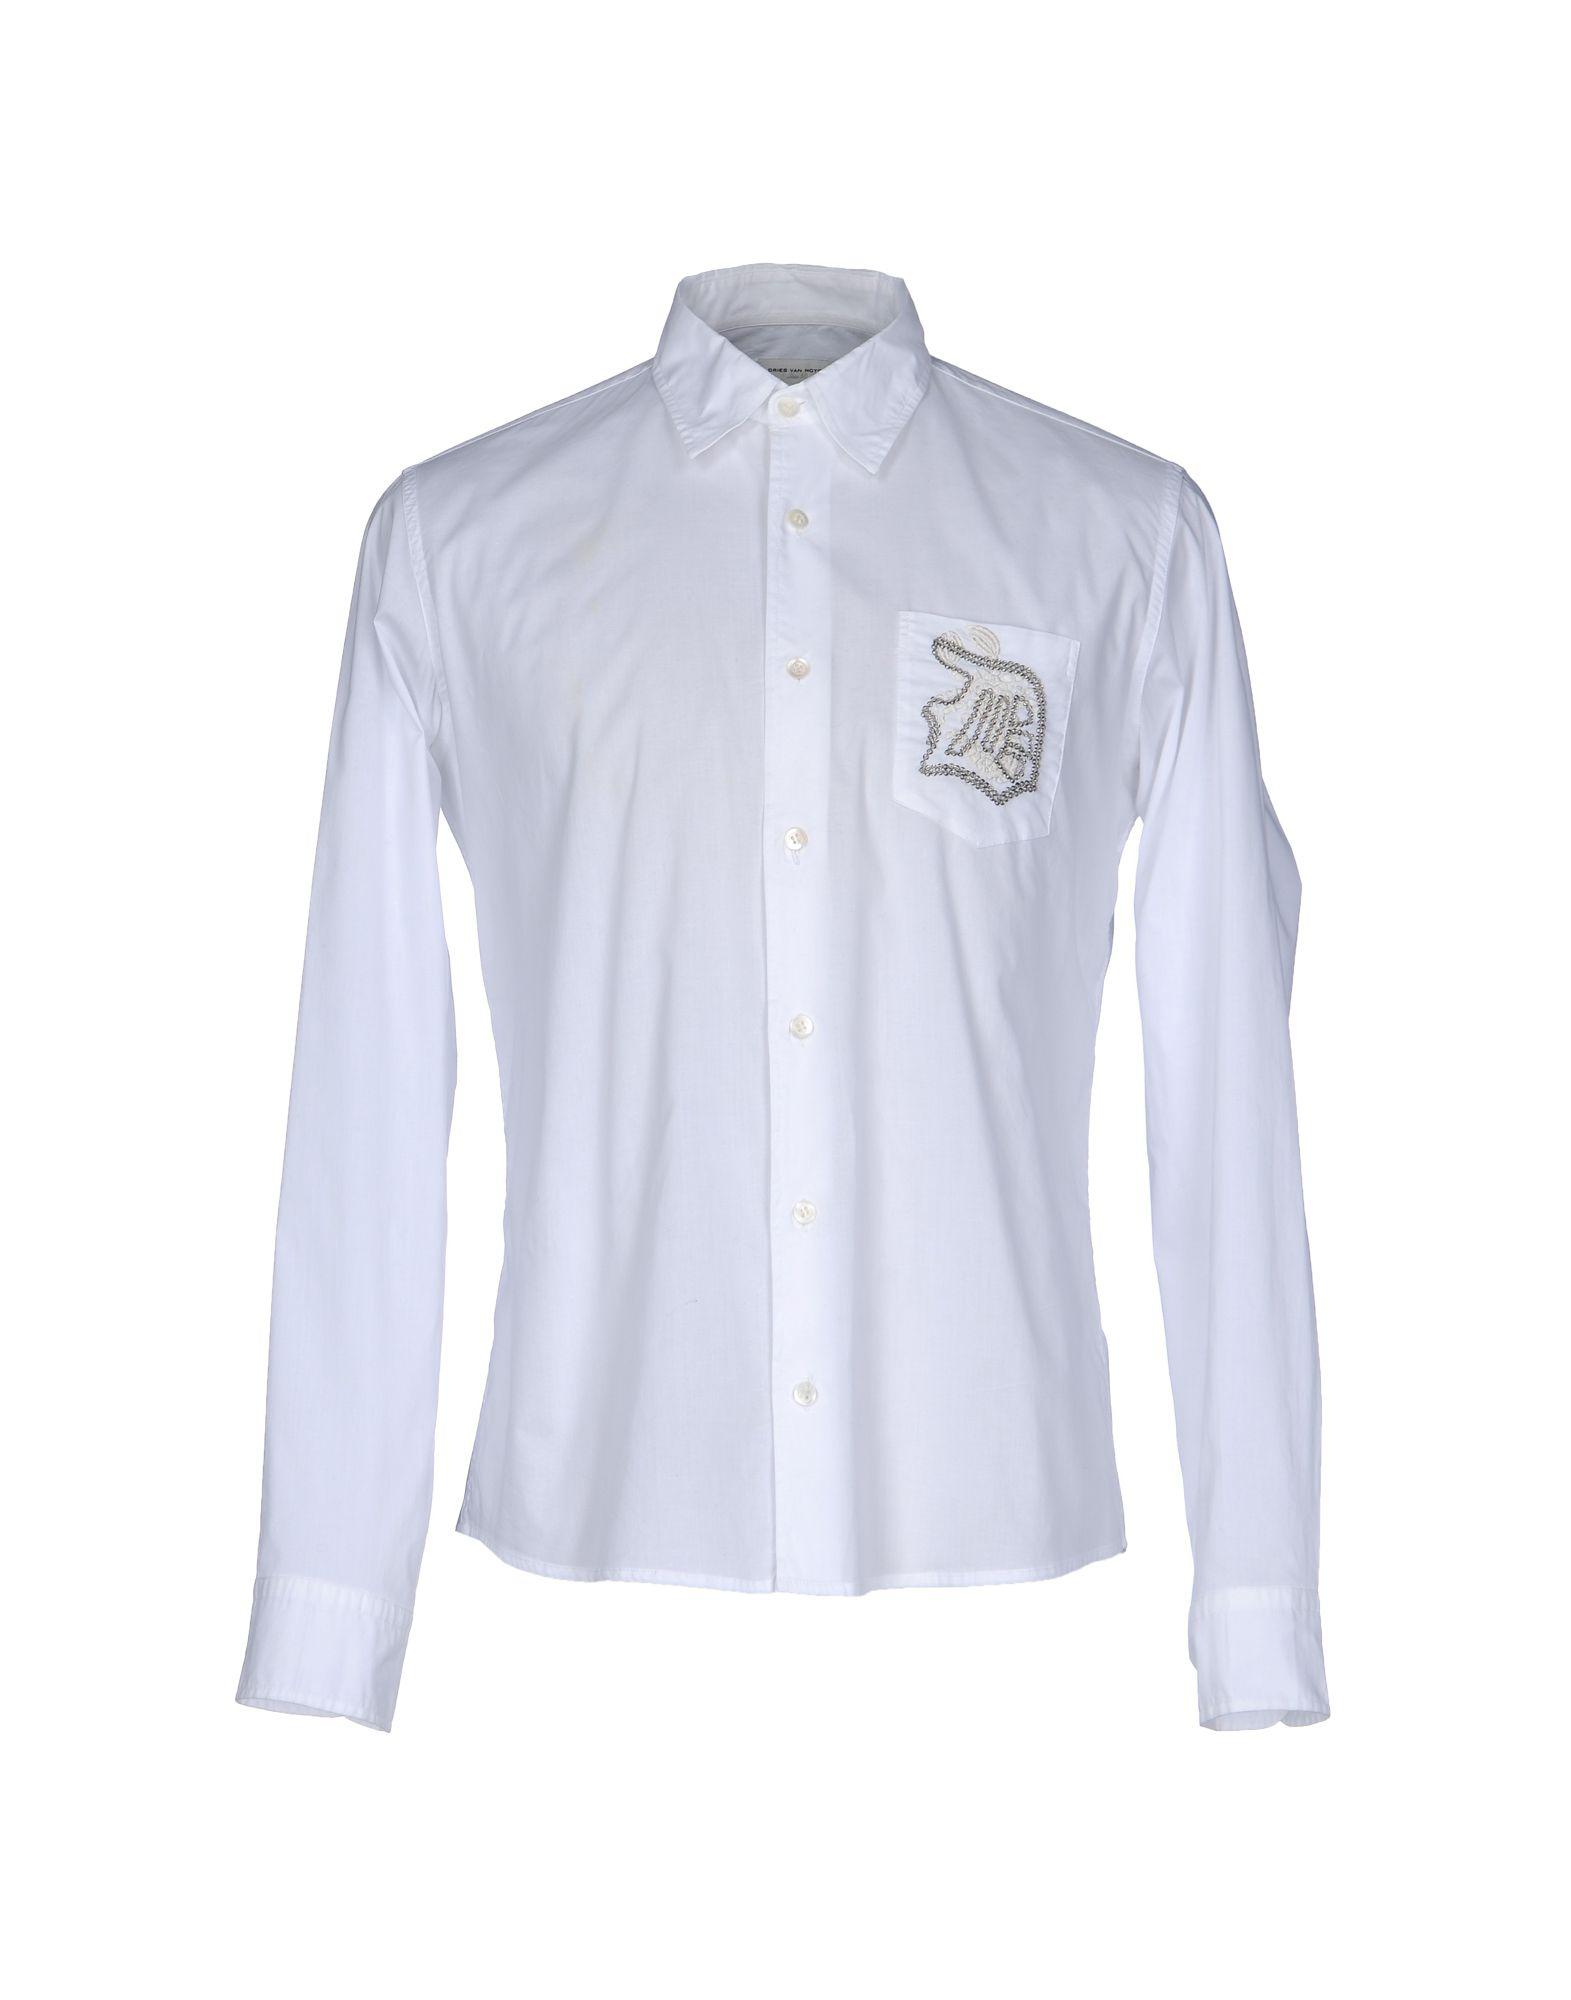 DRIES VAN NOTEN Herren Hemd Farbe Weiß Größe 4